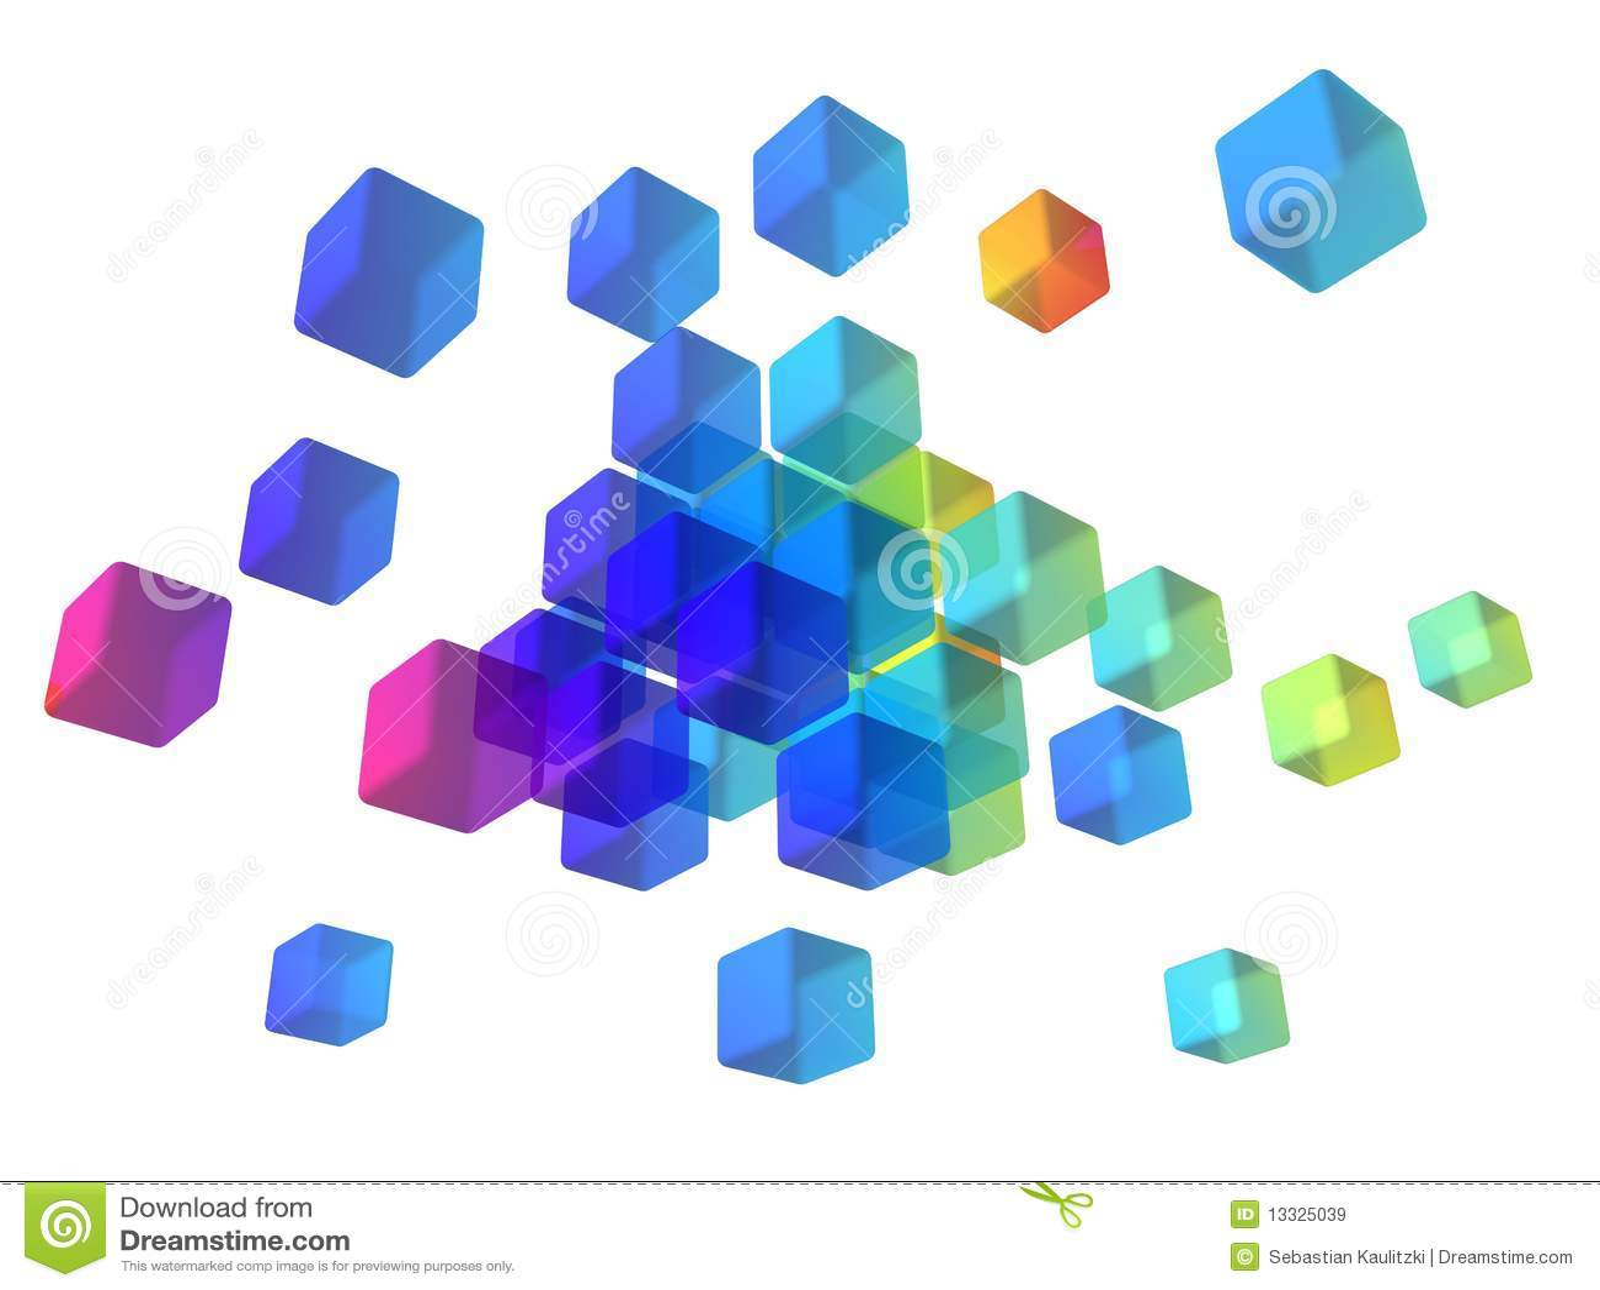 Cubos abstractos